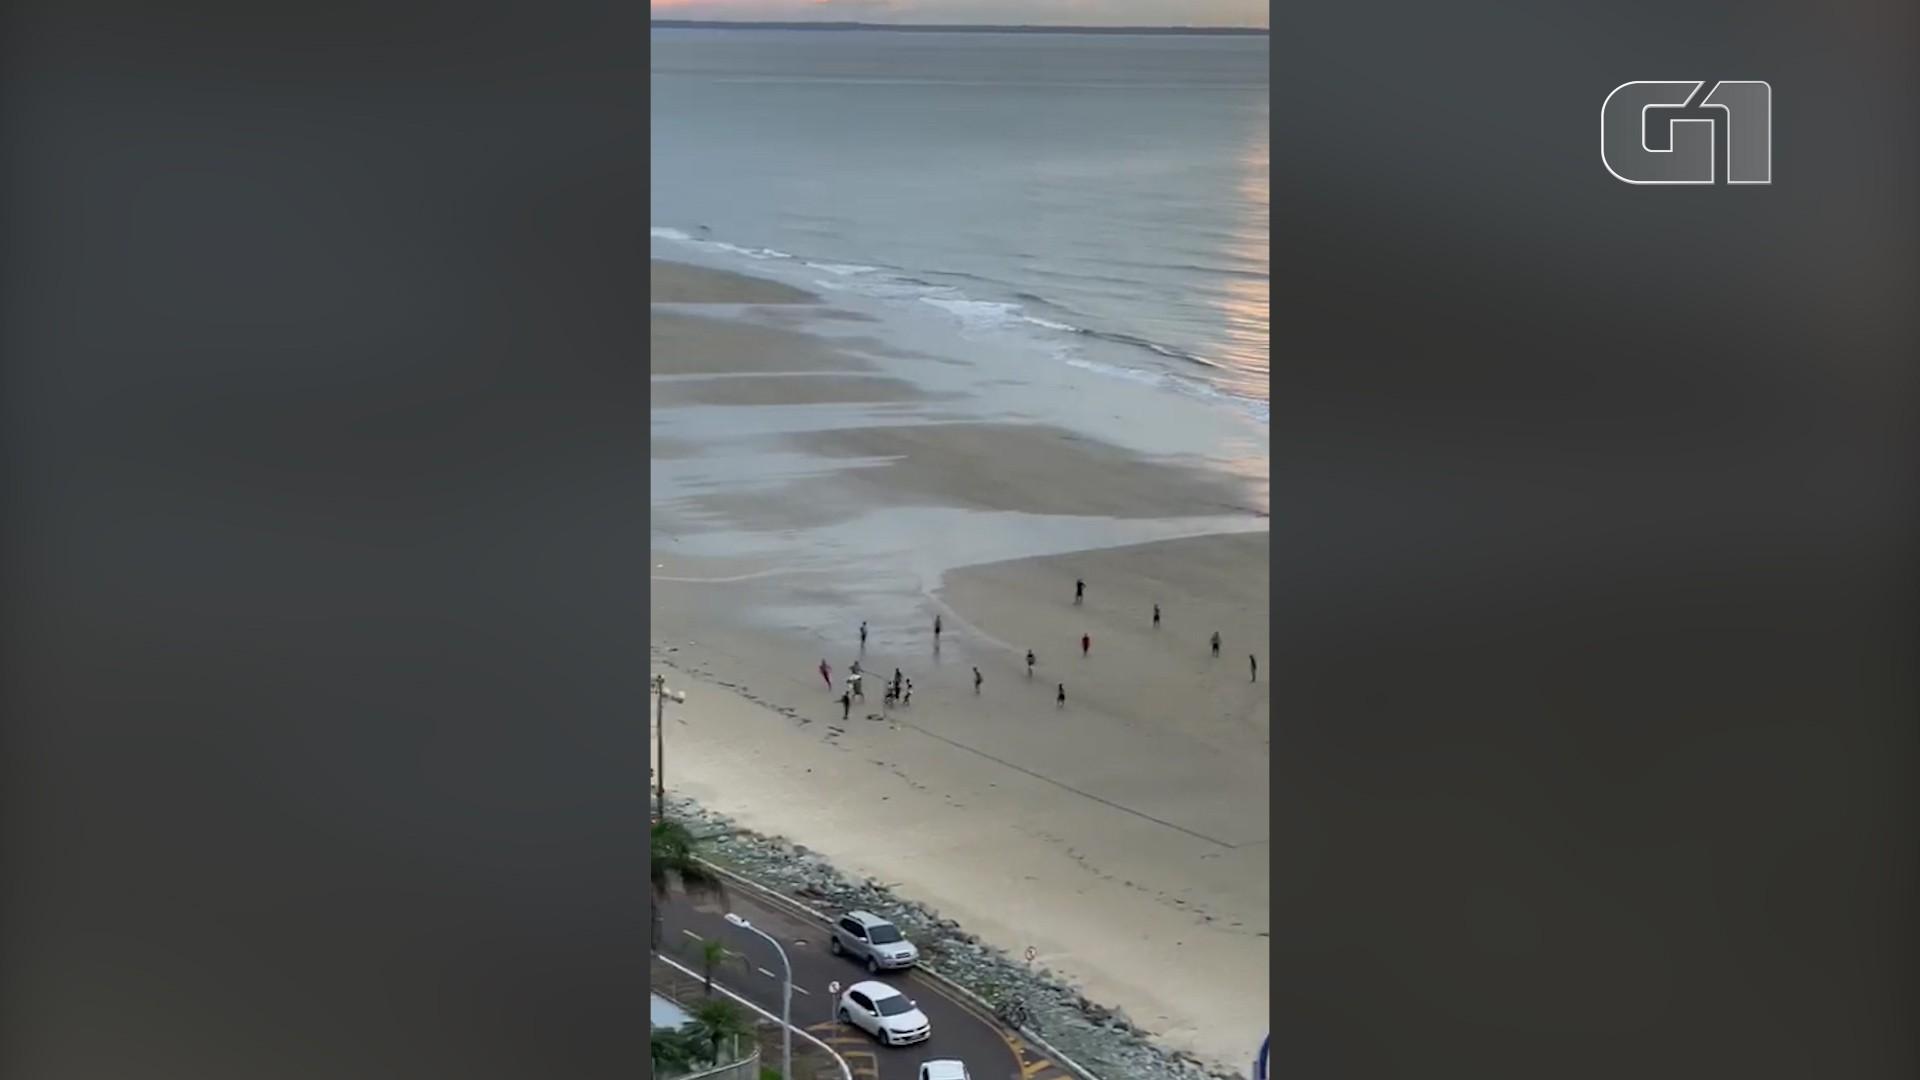 Morador denuncia grupo jogando bola em praia de São Luís enquanto deviam estar de quarentena